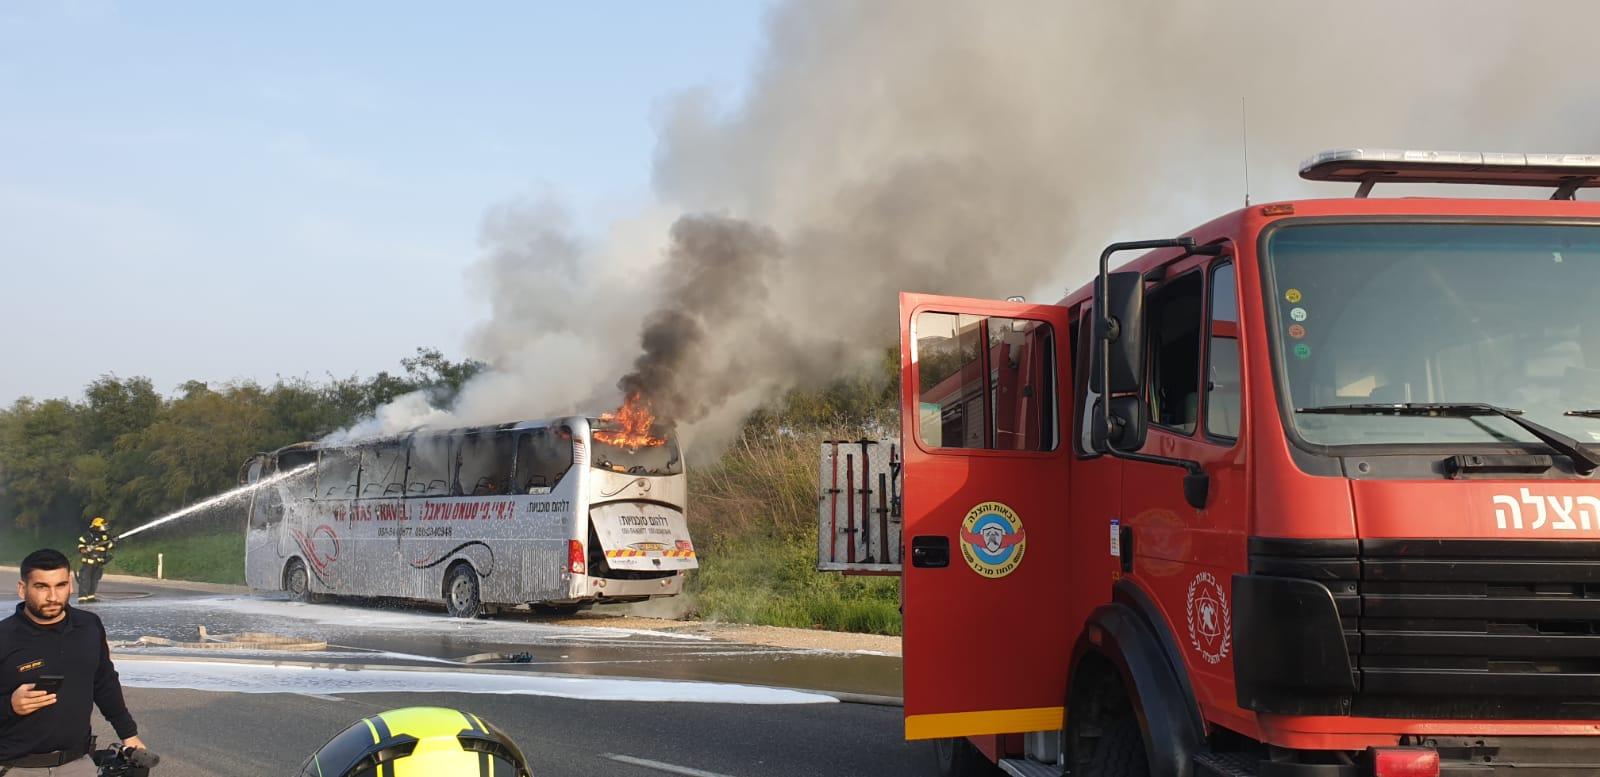 אוטובוס עלה באש סמוך למושב ברקת, הנהג נפצע באורח קל